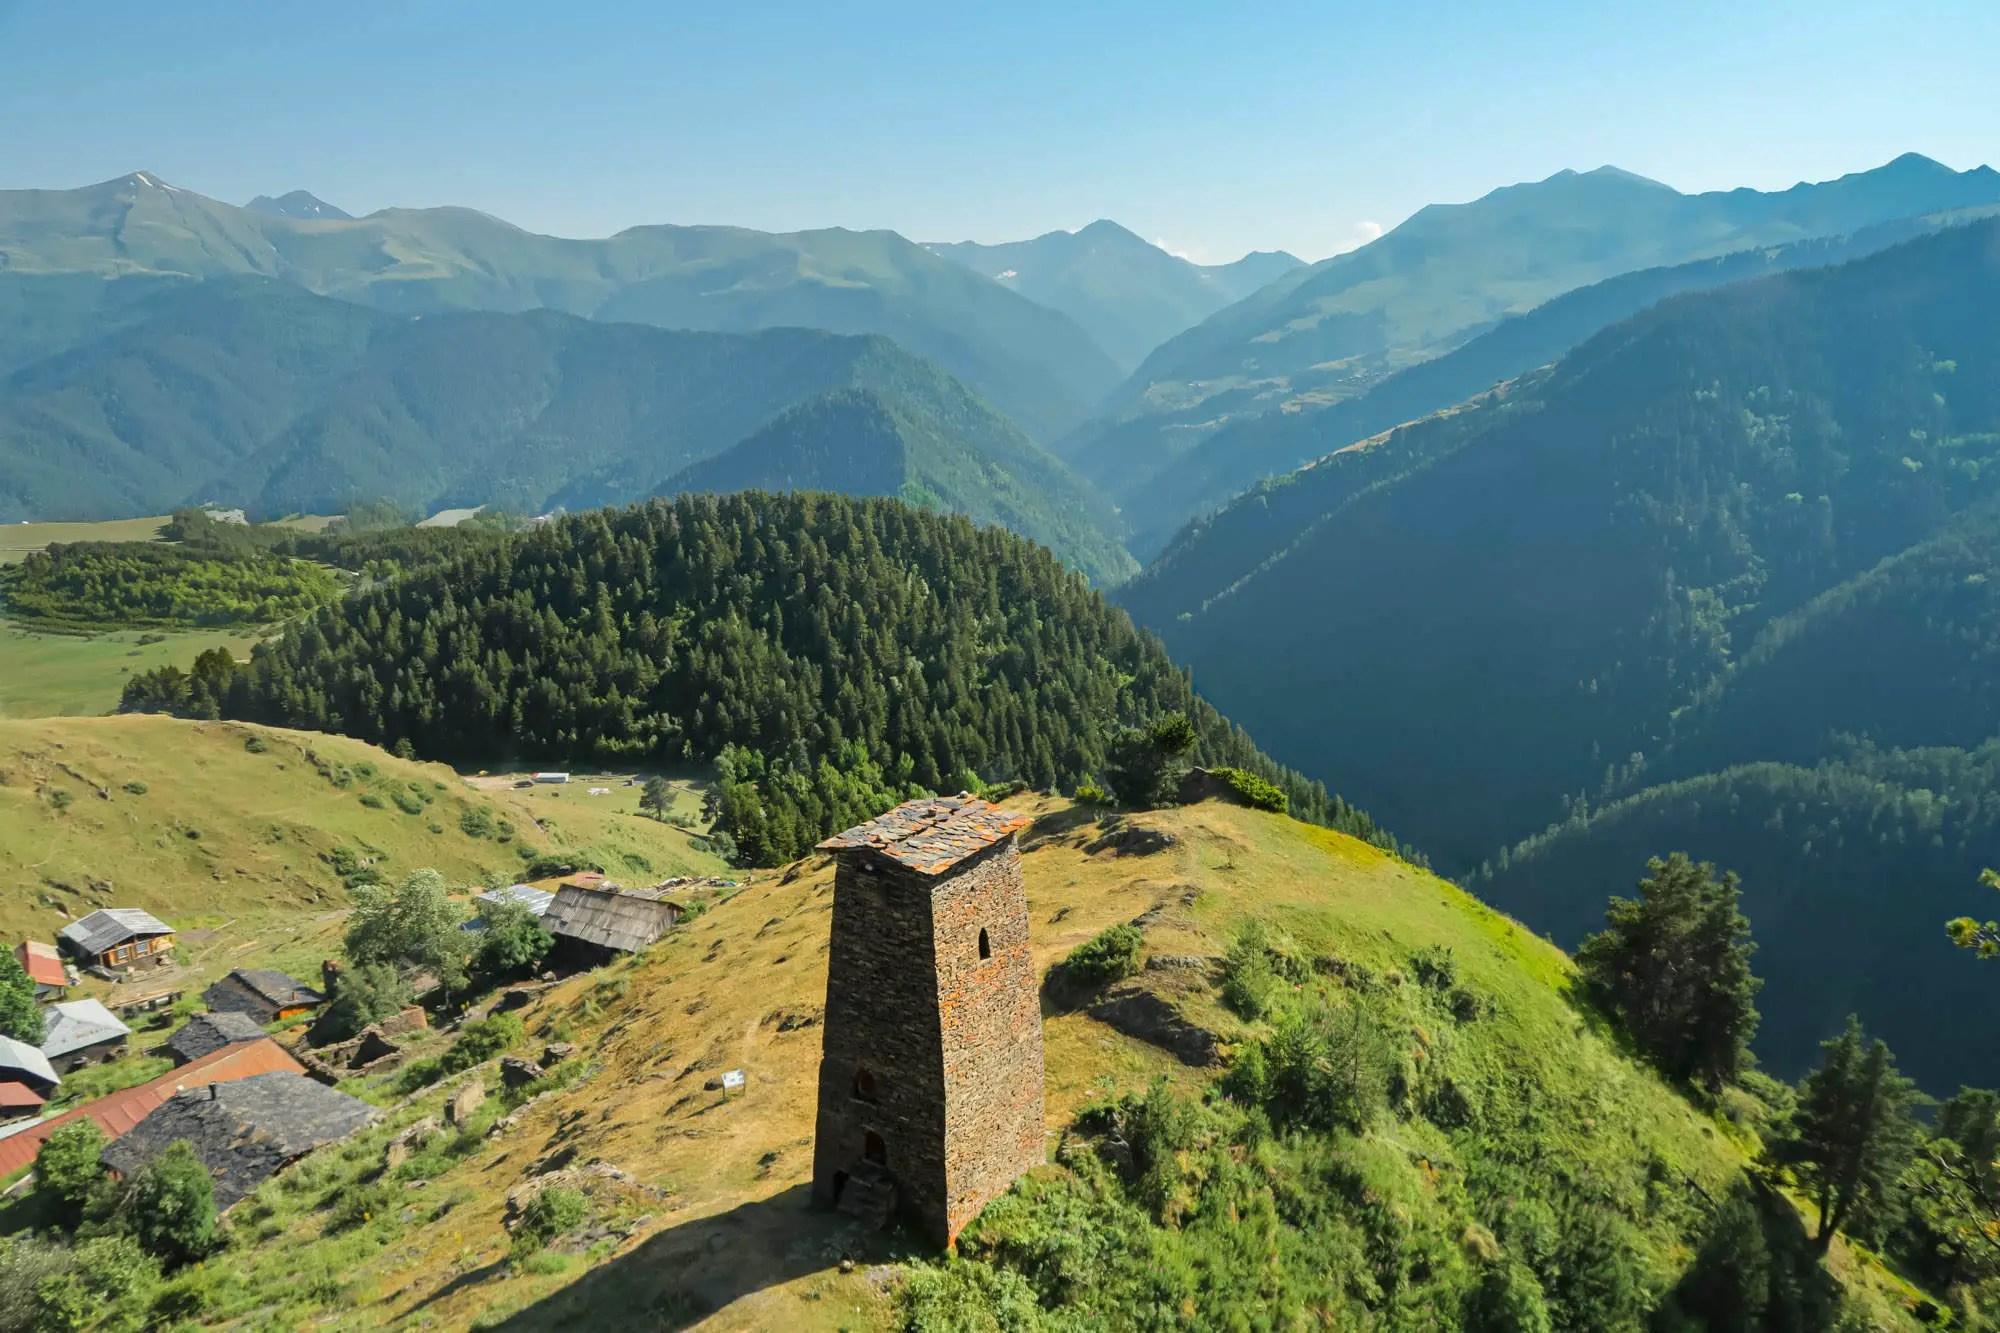 12 unique places to visit in Georgia in 2020